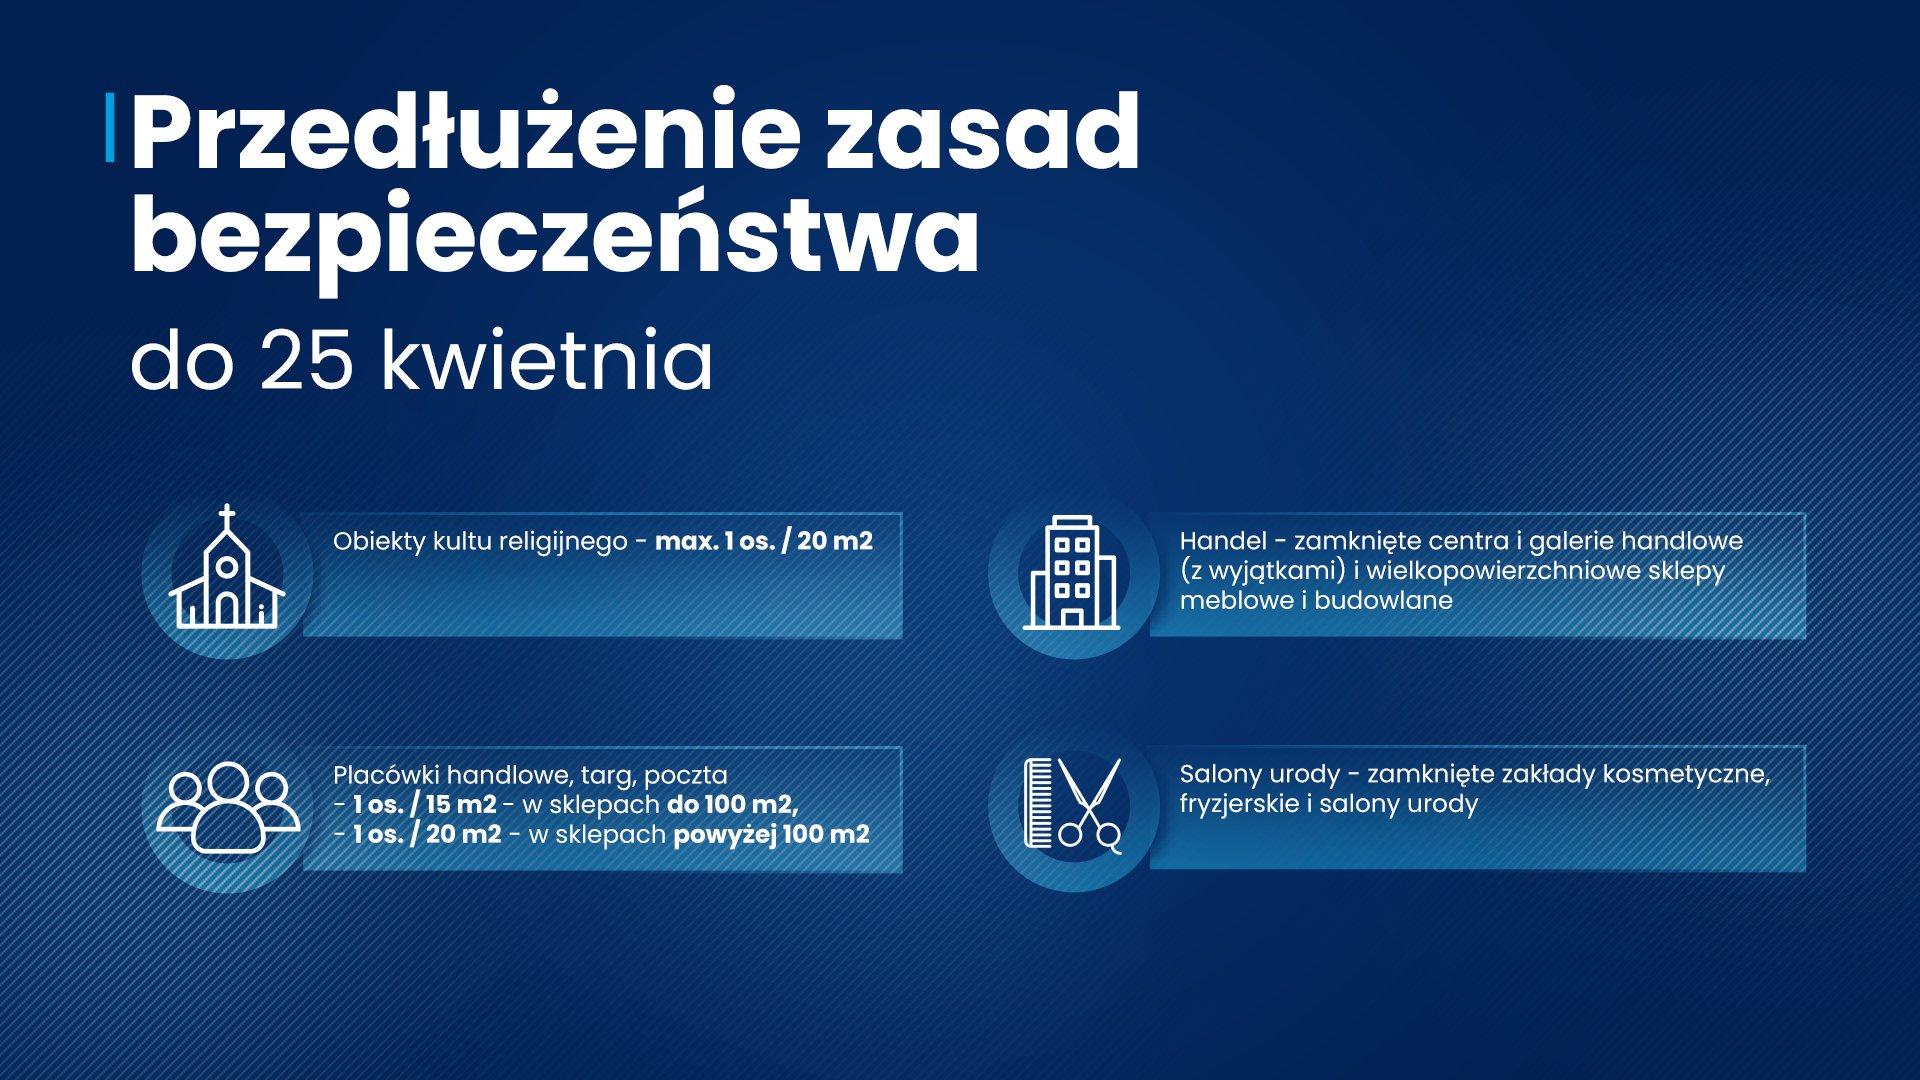 Kancelaria Premiera, twitter Przedłuzamy obowiązujące zasady bezpieczeństwa